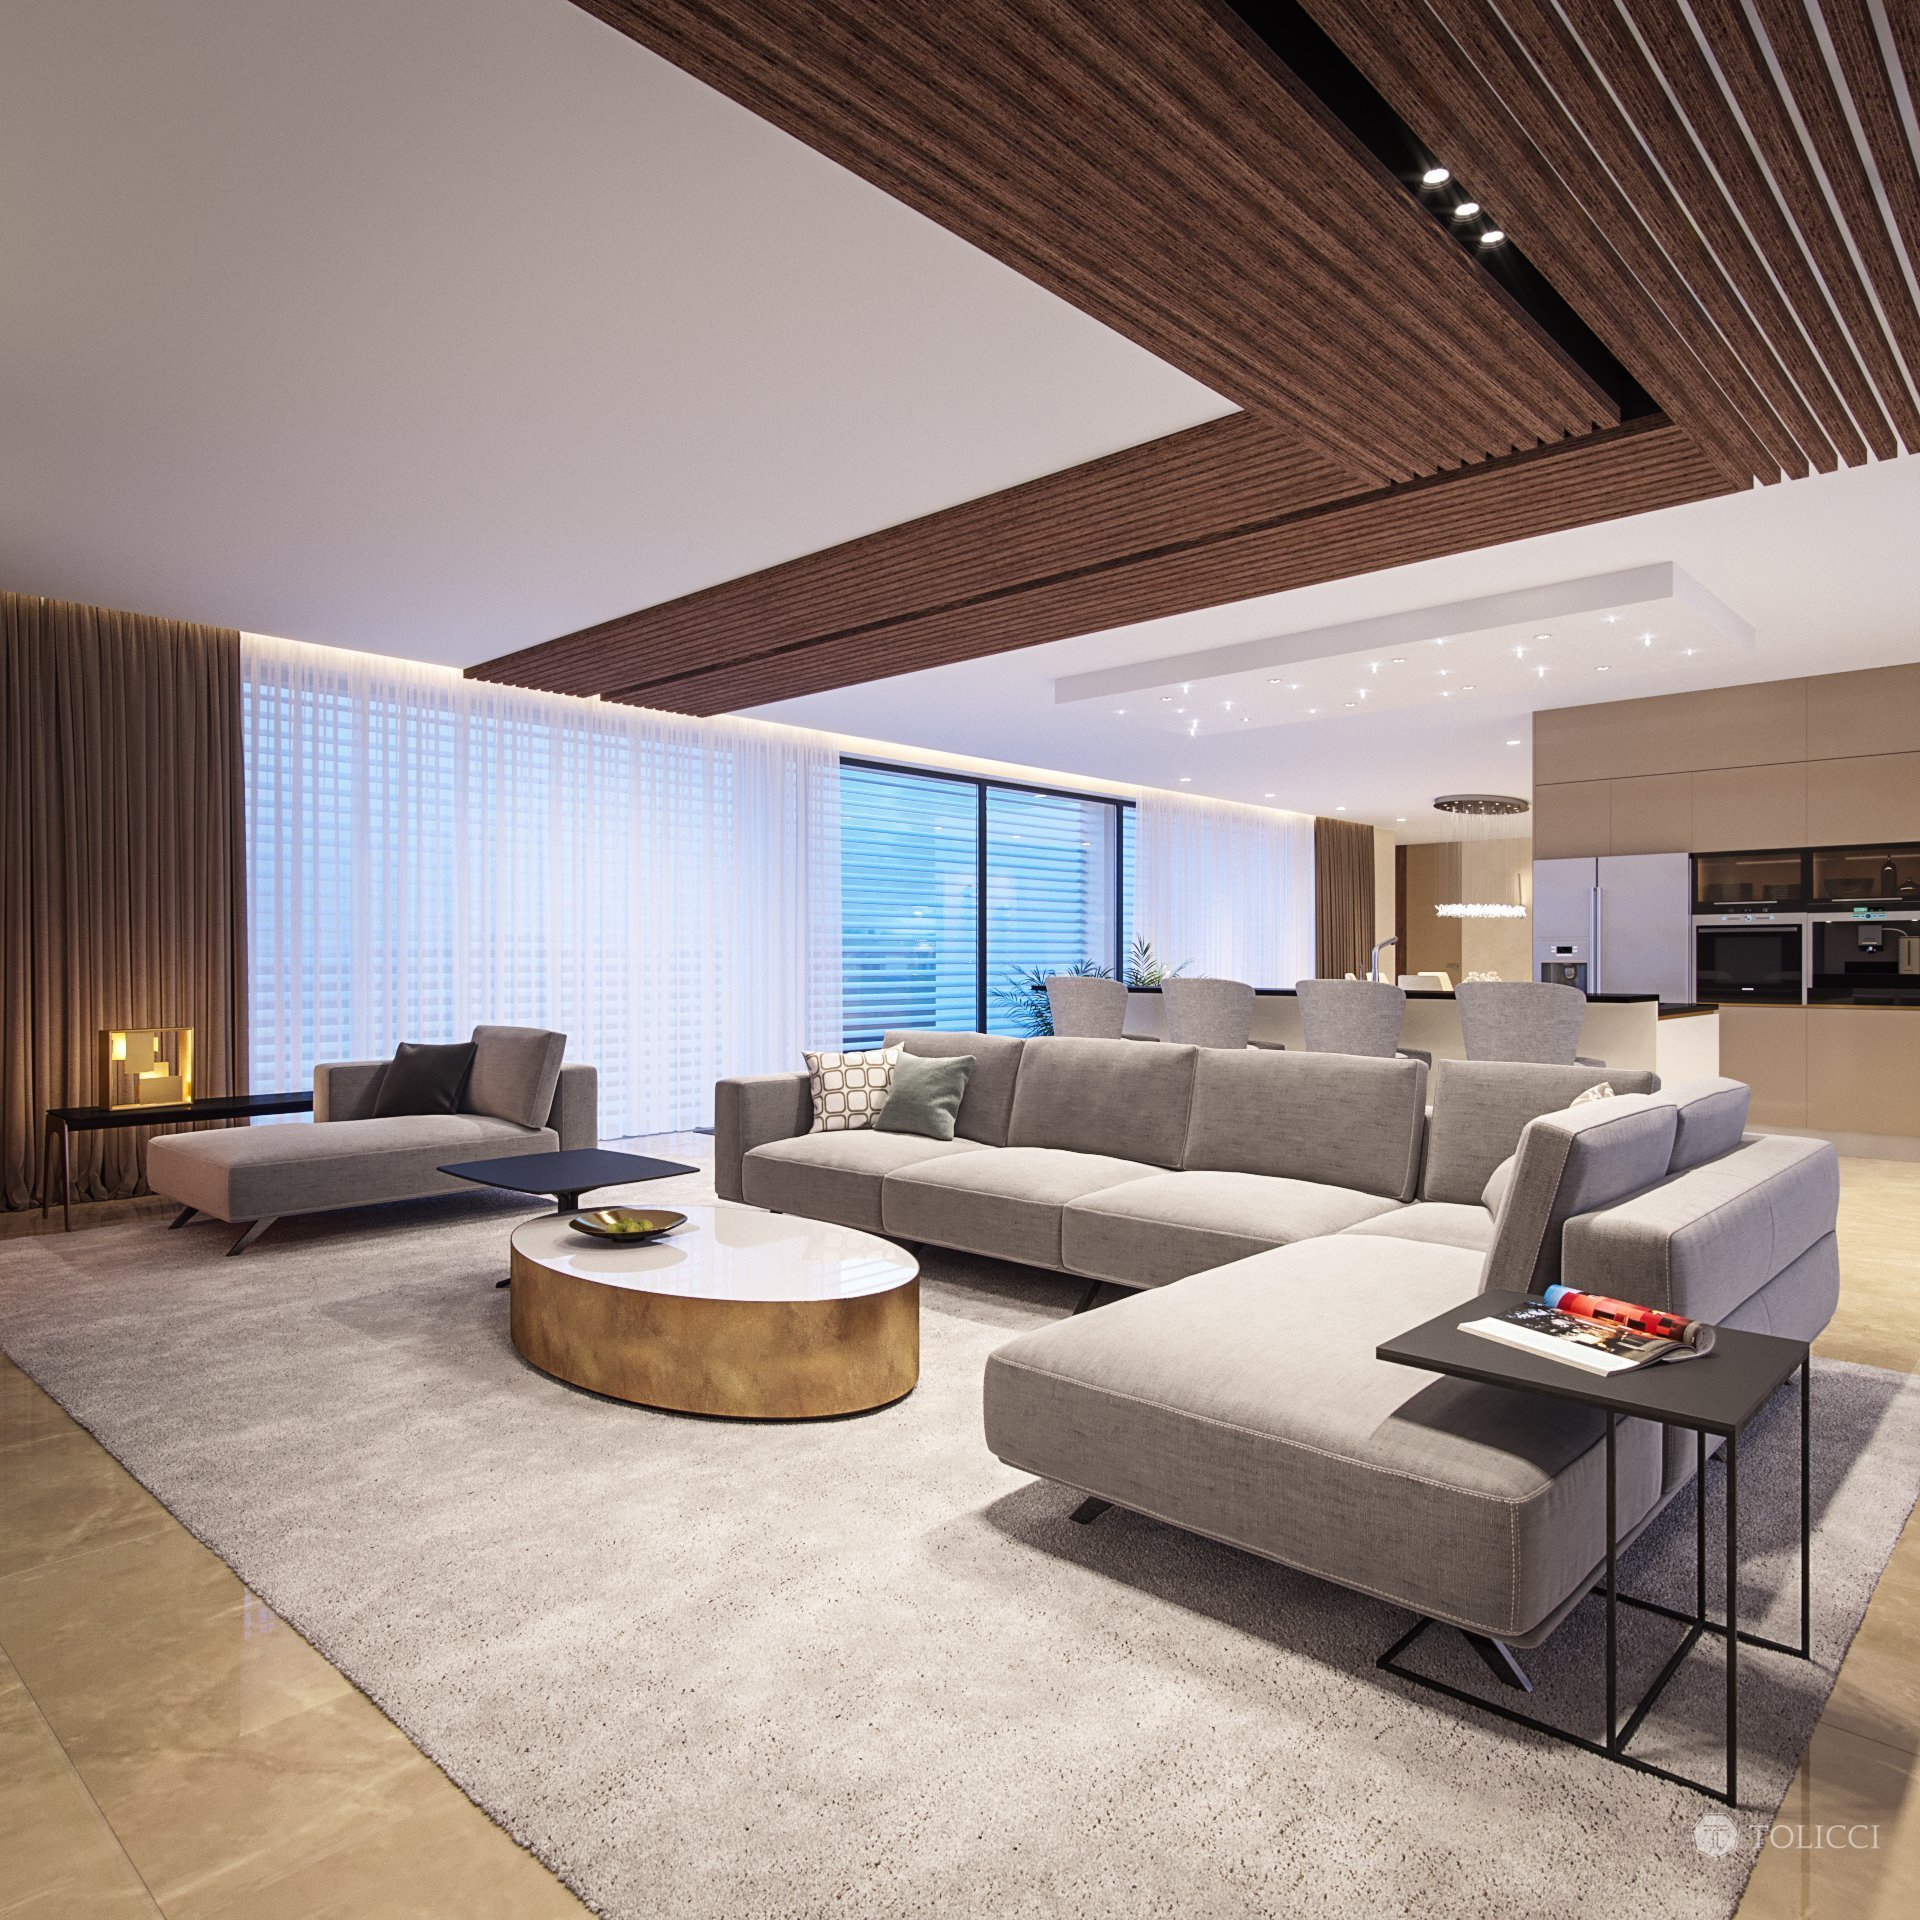 Návrh interiéru tejto rezidencie odráža splynutie krémových farebných tónov a prvkov lesku a exkluzivity arabského sveta. Ako akcenty v tomto návrhu sme na…